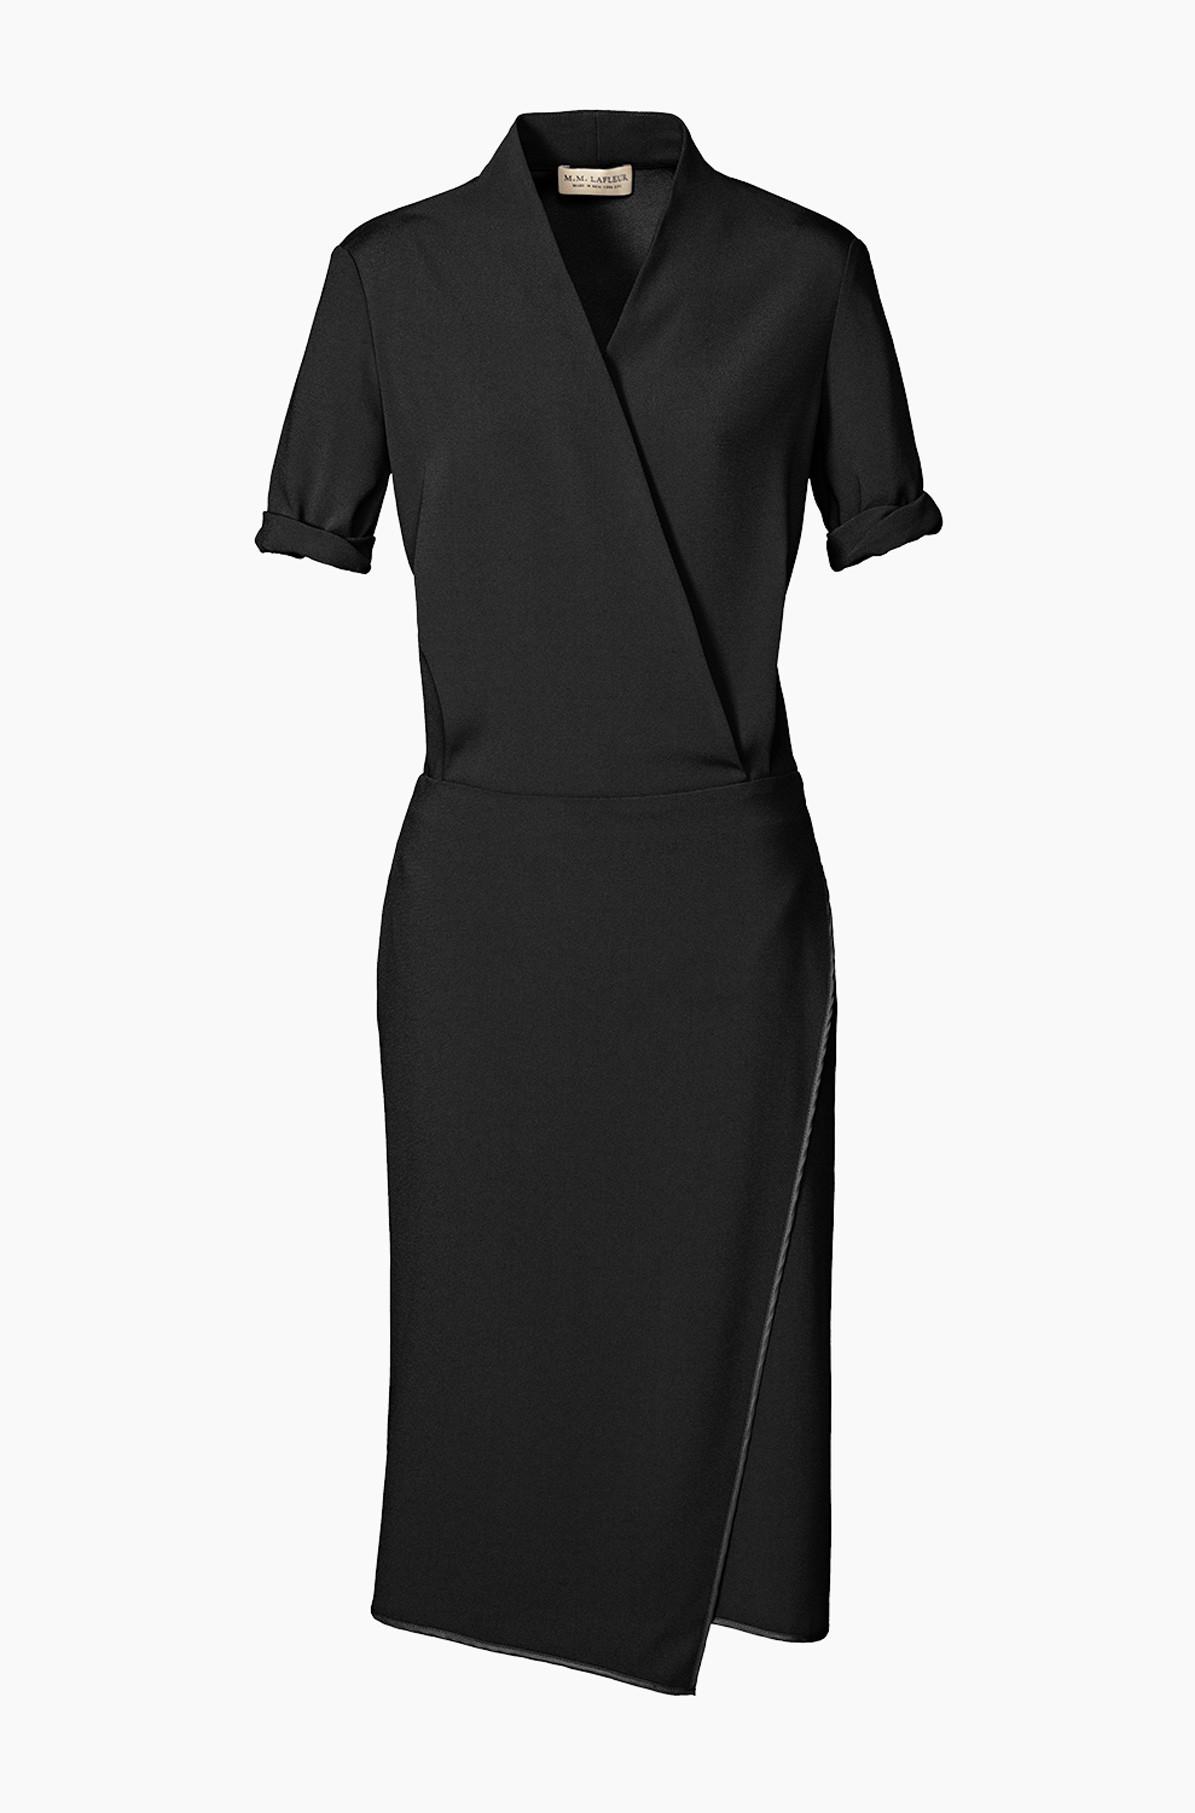 Odjeća_koja_ne_izlazi_iz_mode_poslovna_haljina